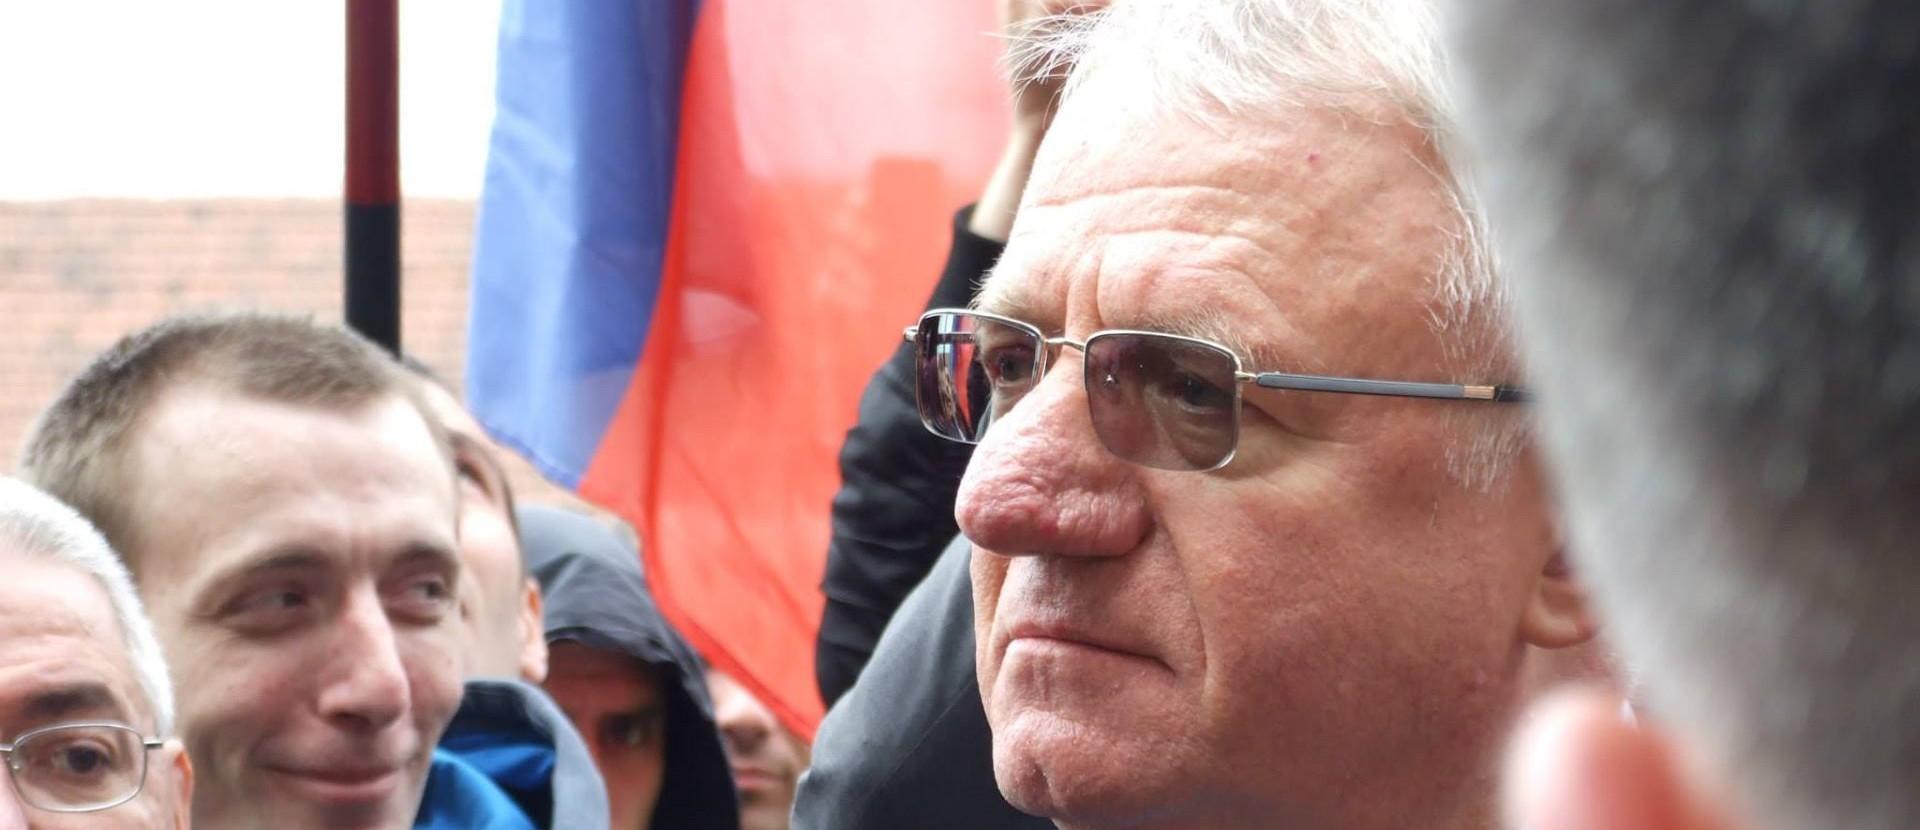 POGORŠANO ZDRAVSTVENO STANJE Liječnik Vojislava Šešelja tvrdi da bi njegovo vraćanje u pritvor Haškog suda bilo ubojstvo s predumišljajem